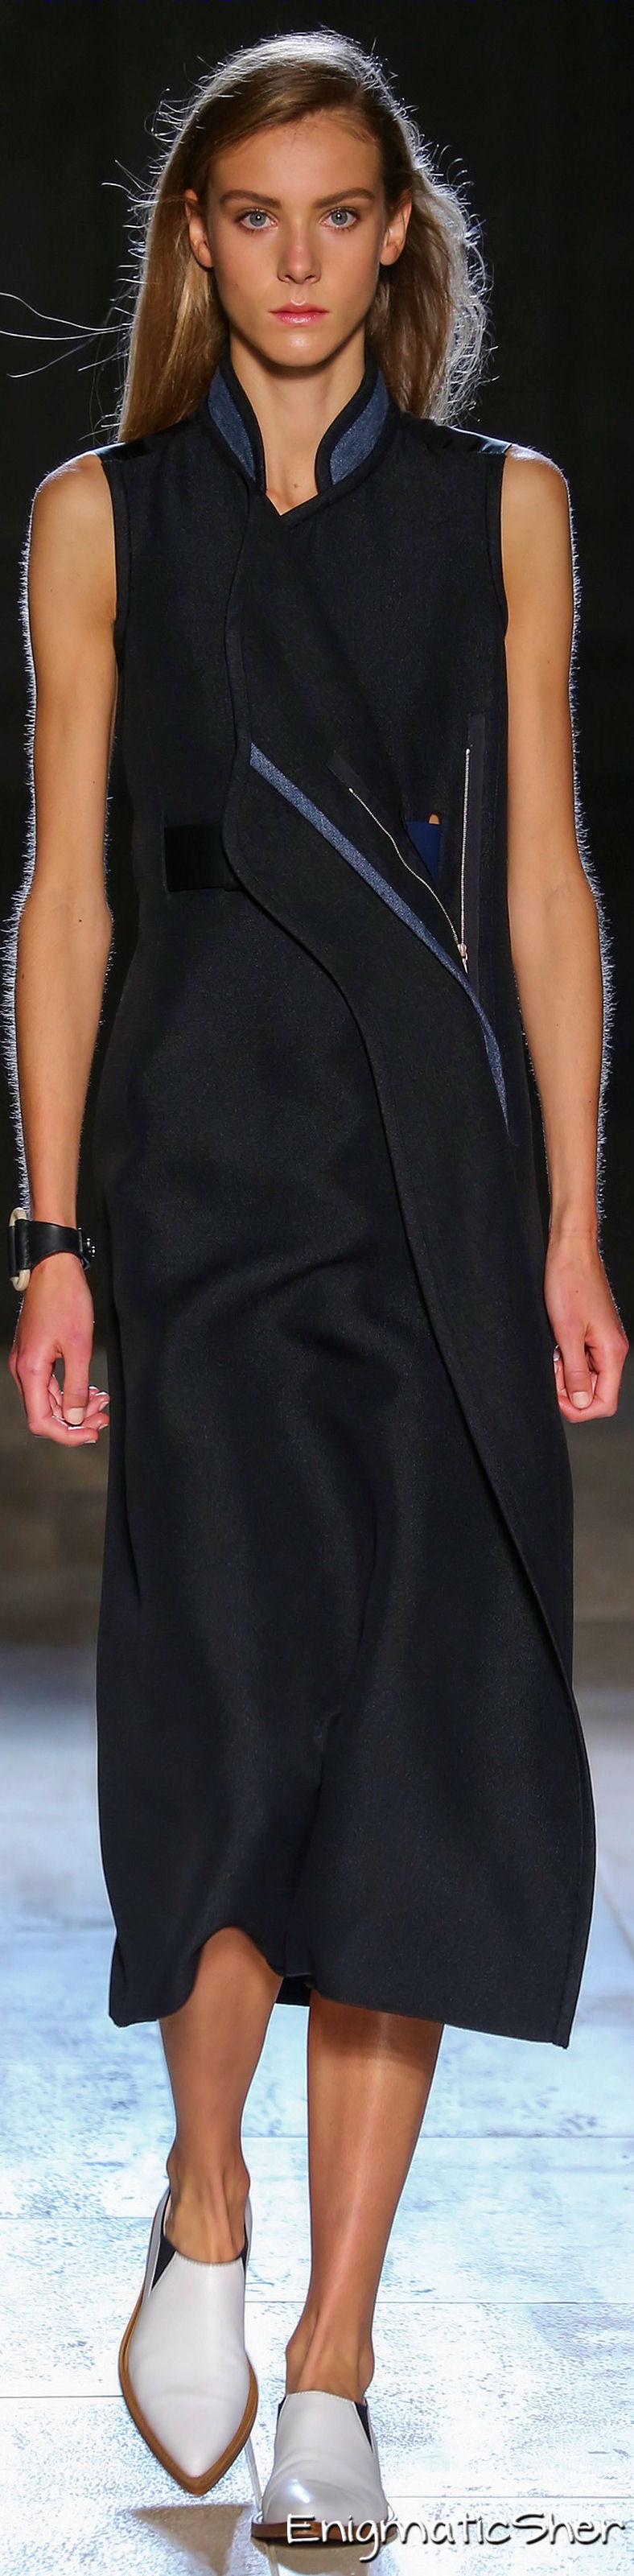 Farb- und Stilberatung mit www.farben-reich.com - Victoria Beckham Spring Summer 2015 Ready-To-Wear